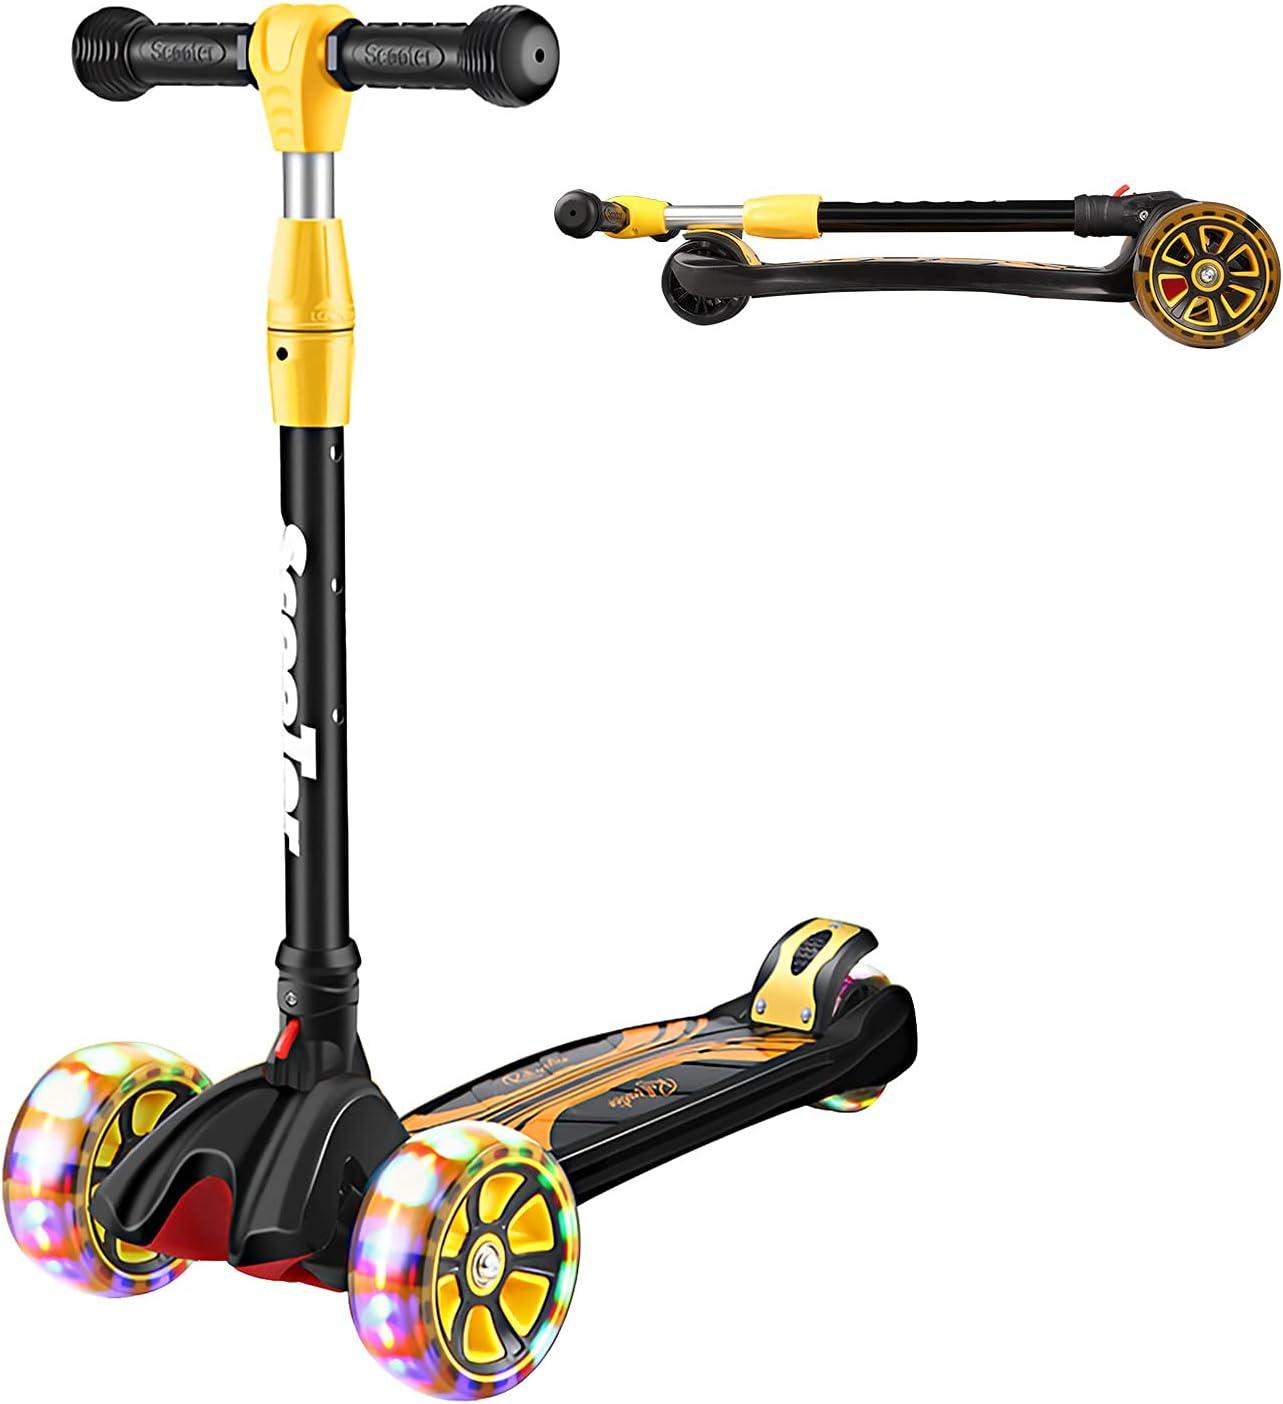 Patinete Triciclo Scooter infantil de Primie, con ruedas LED de poliuretano, con doble rueda trasera, altura ajustable y plegable, para niños y niñas de 4 a 12 años de edad